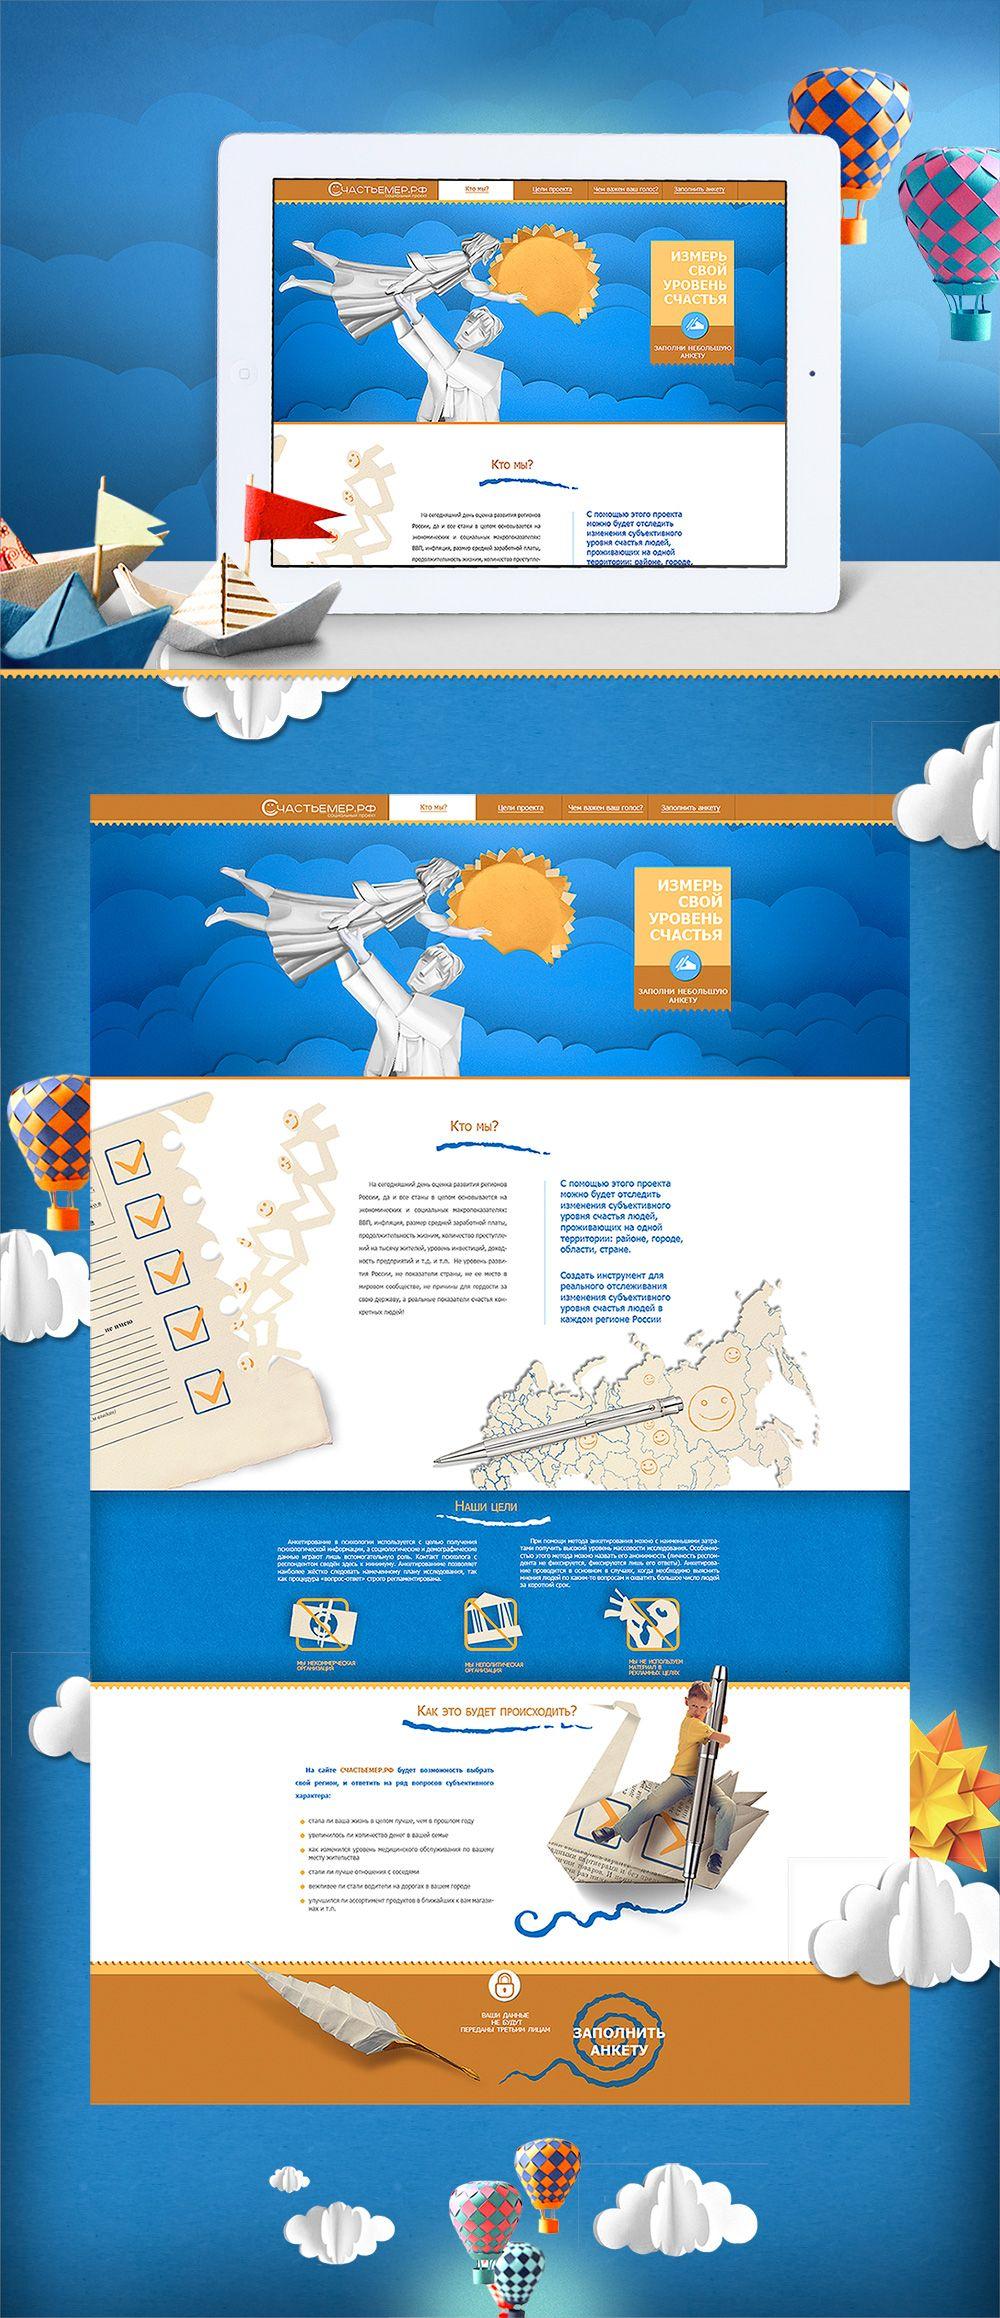 094d1e7f14b6 Счастьемер — Работа №3 — Портфолио фрилансера Ольга Буслаева  (olga buslaeva) — Weblancer.net